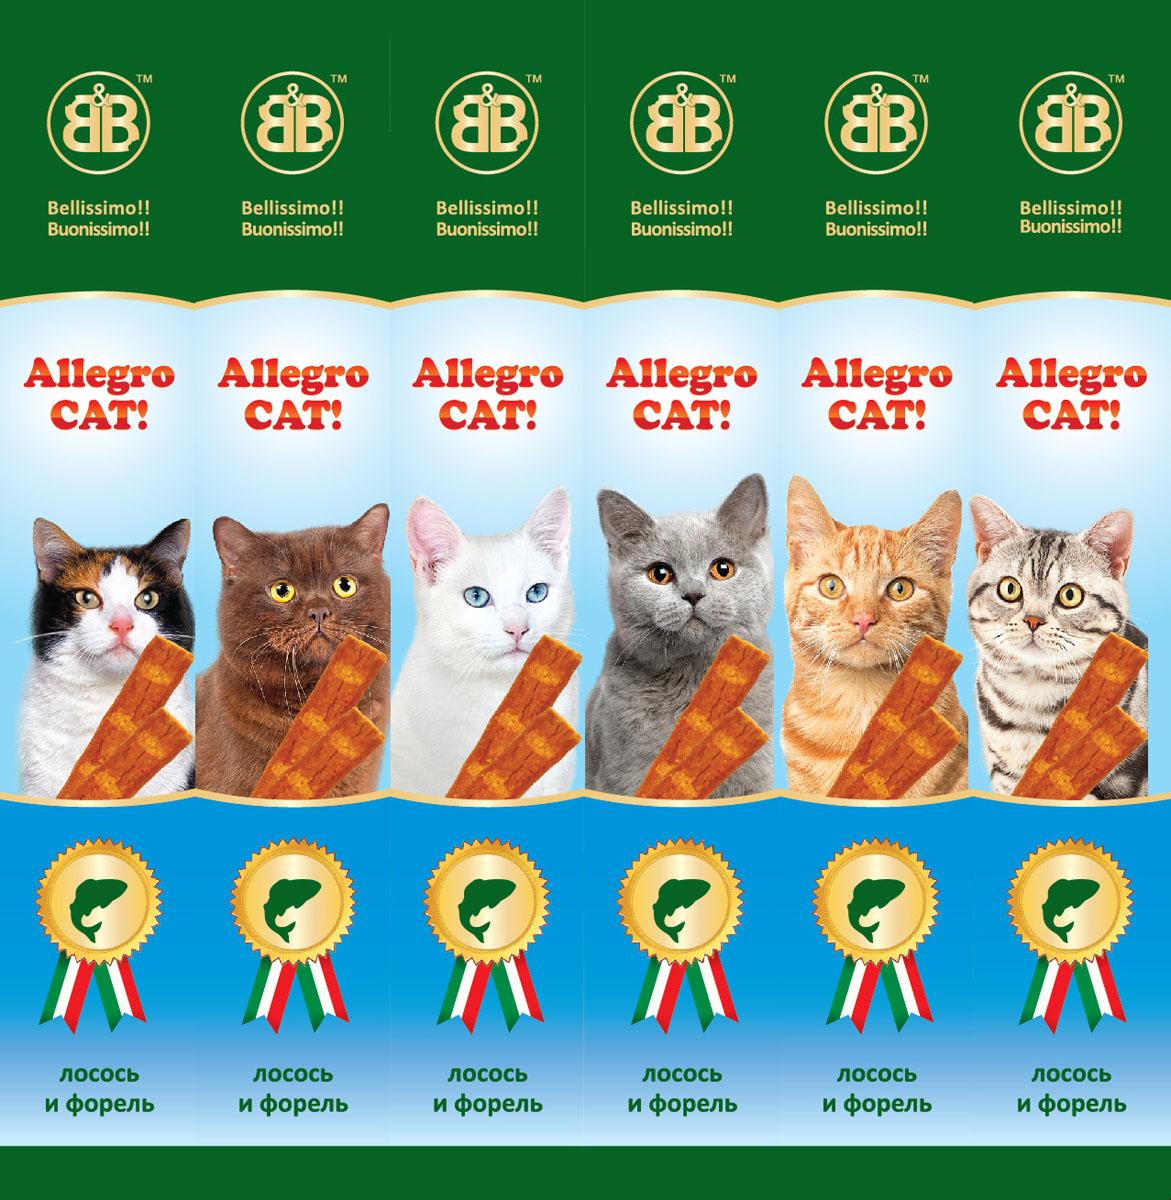 лакомство b&b allegro cat колбаски курица печень для кошек 6шт 36450 Лакомство для кошек B&B Allegro Cat, мясные колбаски из лосося и форели, 6х5 г